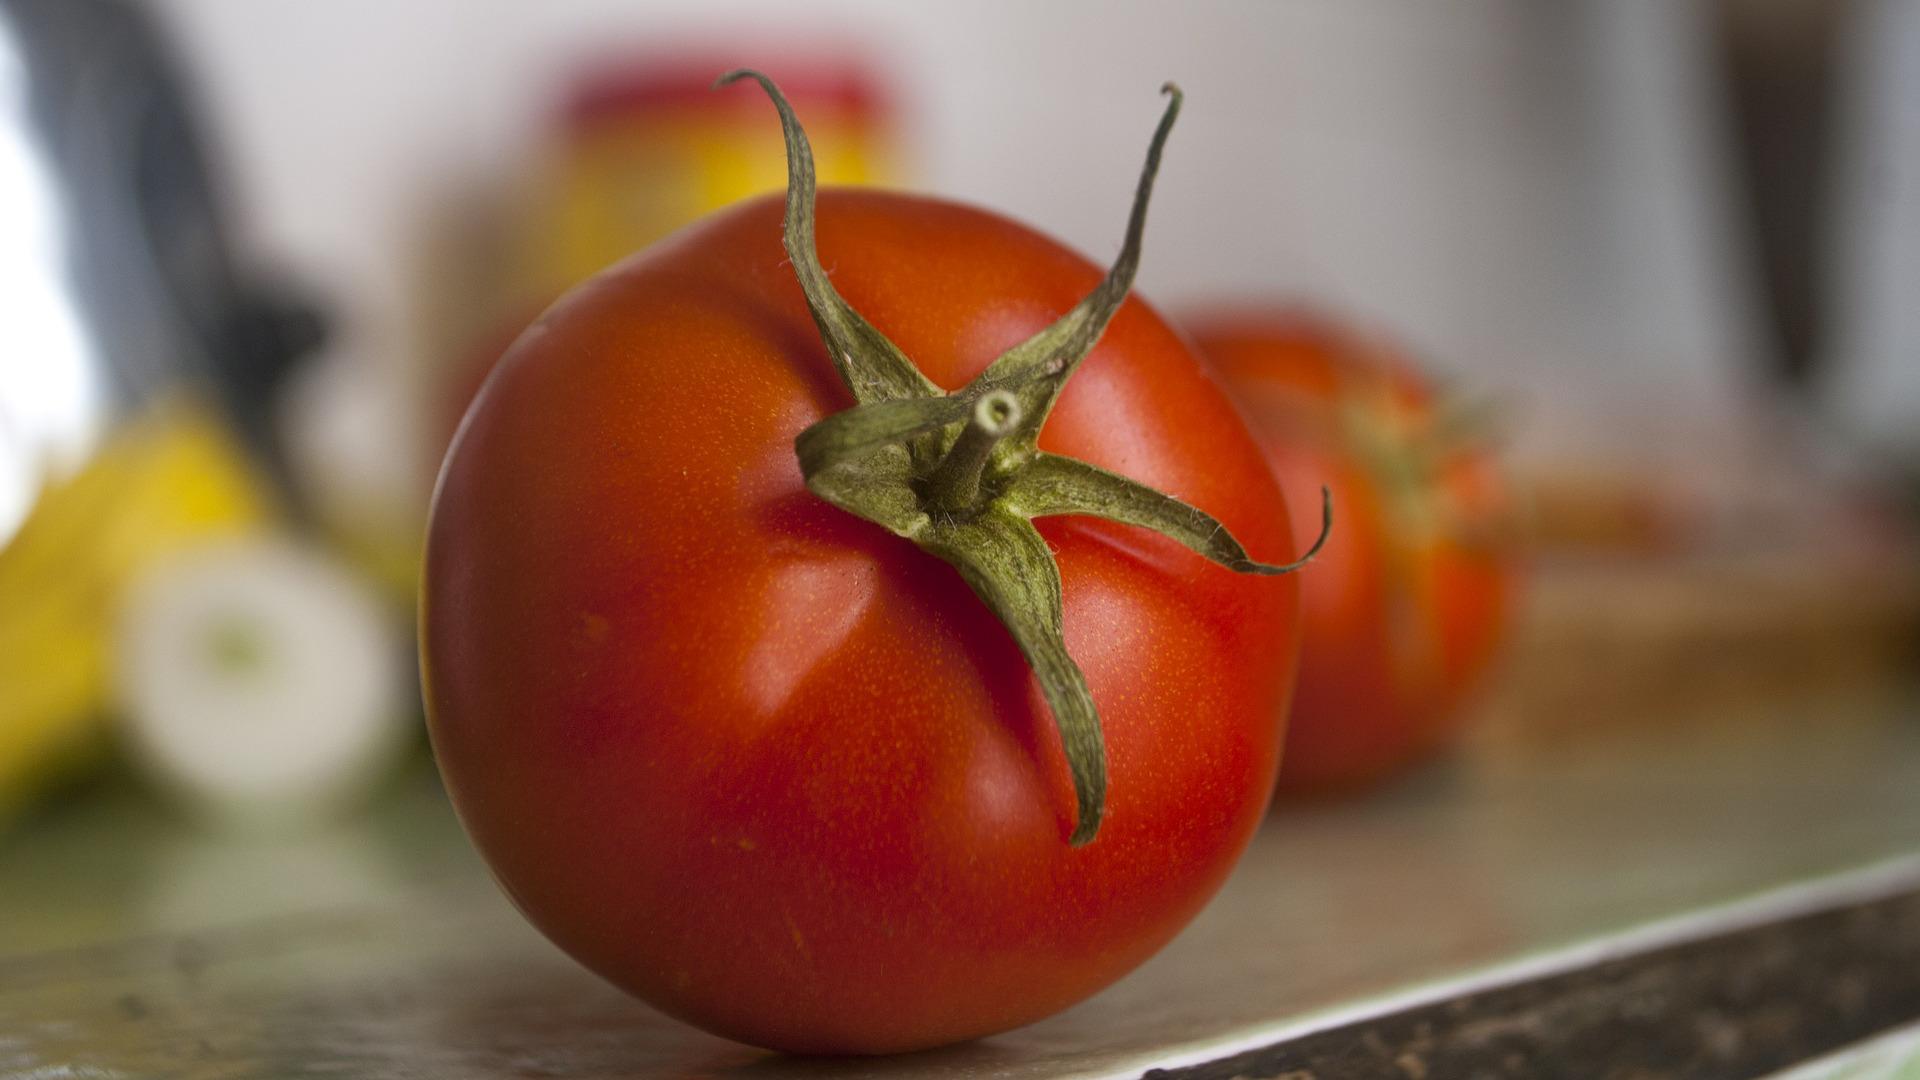 tomates-frescos-para-reparar-los-danos-causados-por-el-habito-de-fumar-1920